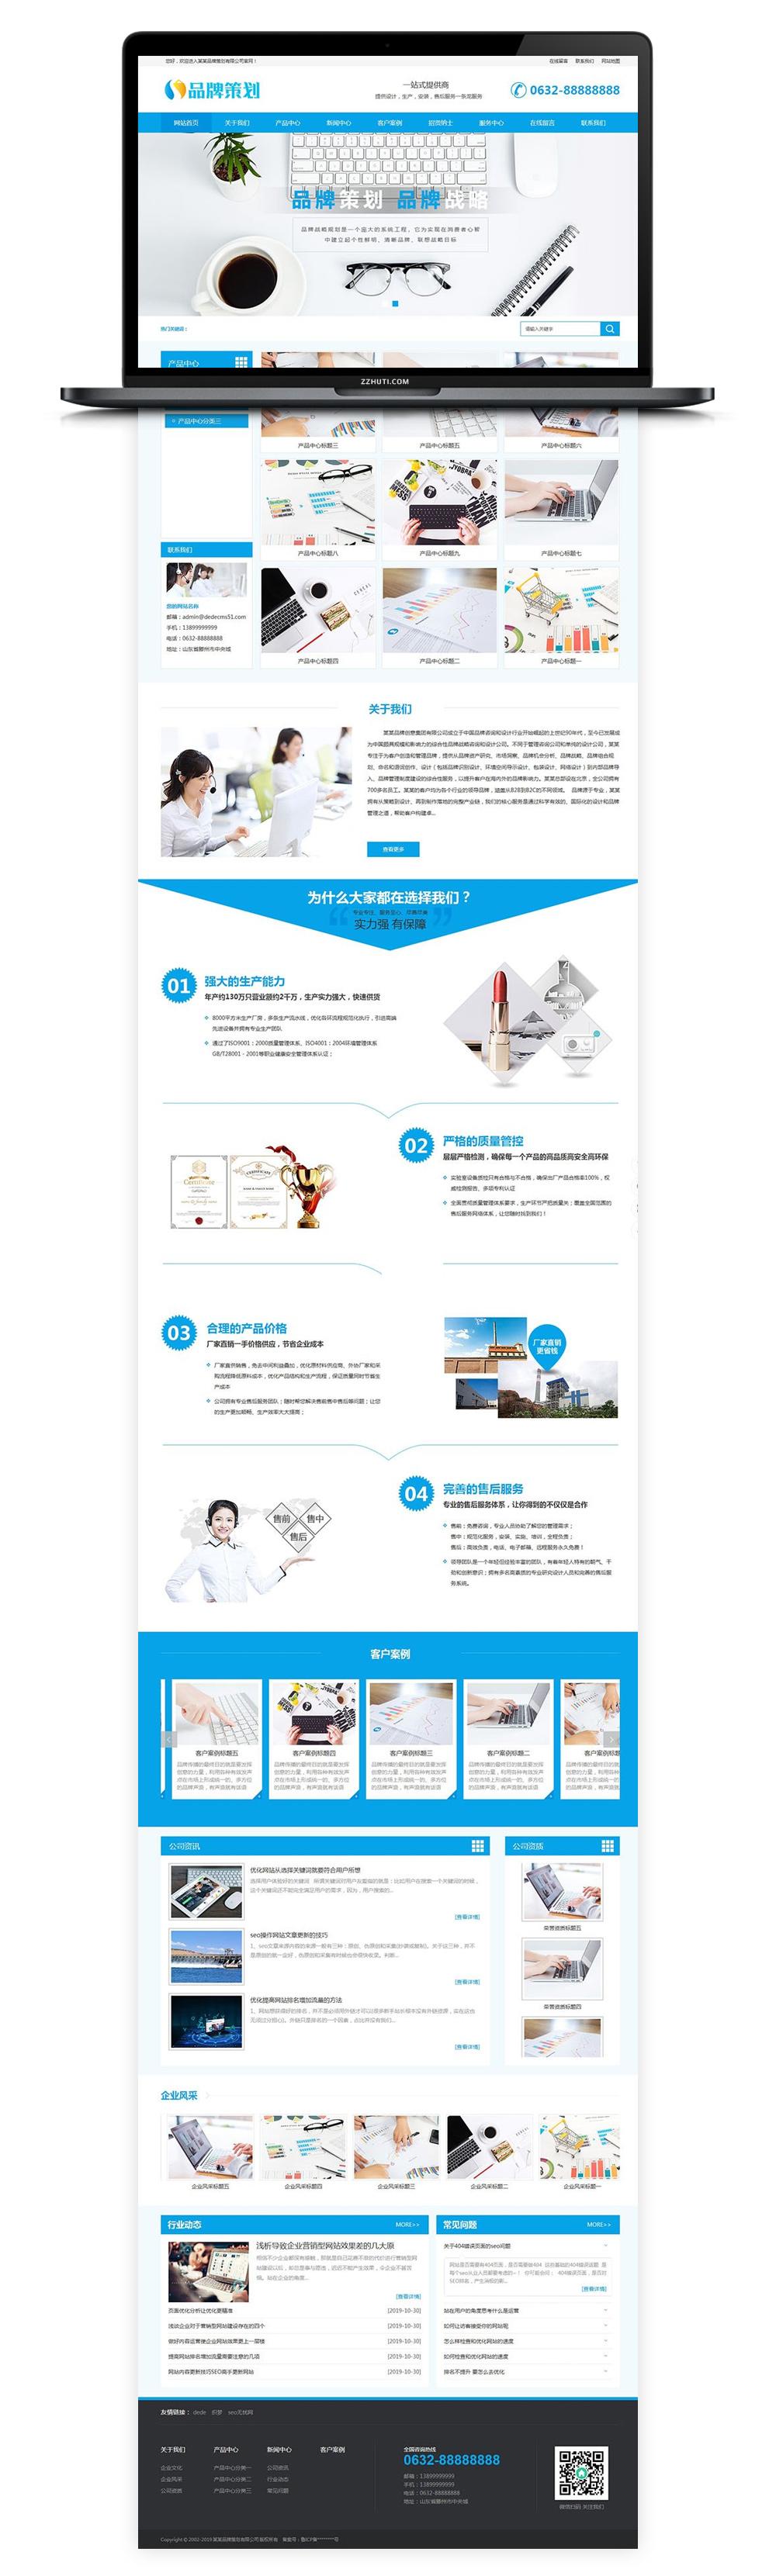 【织梦品牌设计模板】蓝色修正版线下设计策划企业通用网站DEDECMS模板自适应手机端-